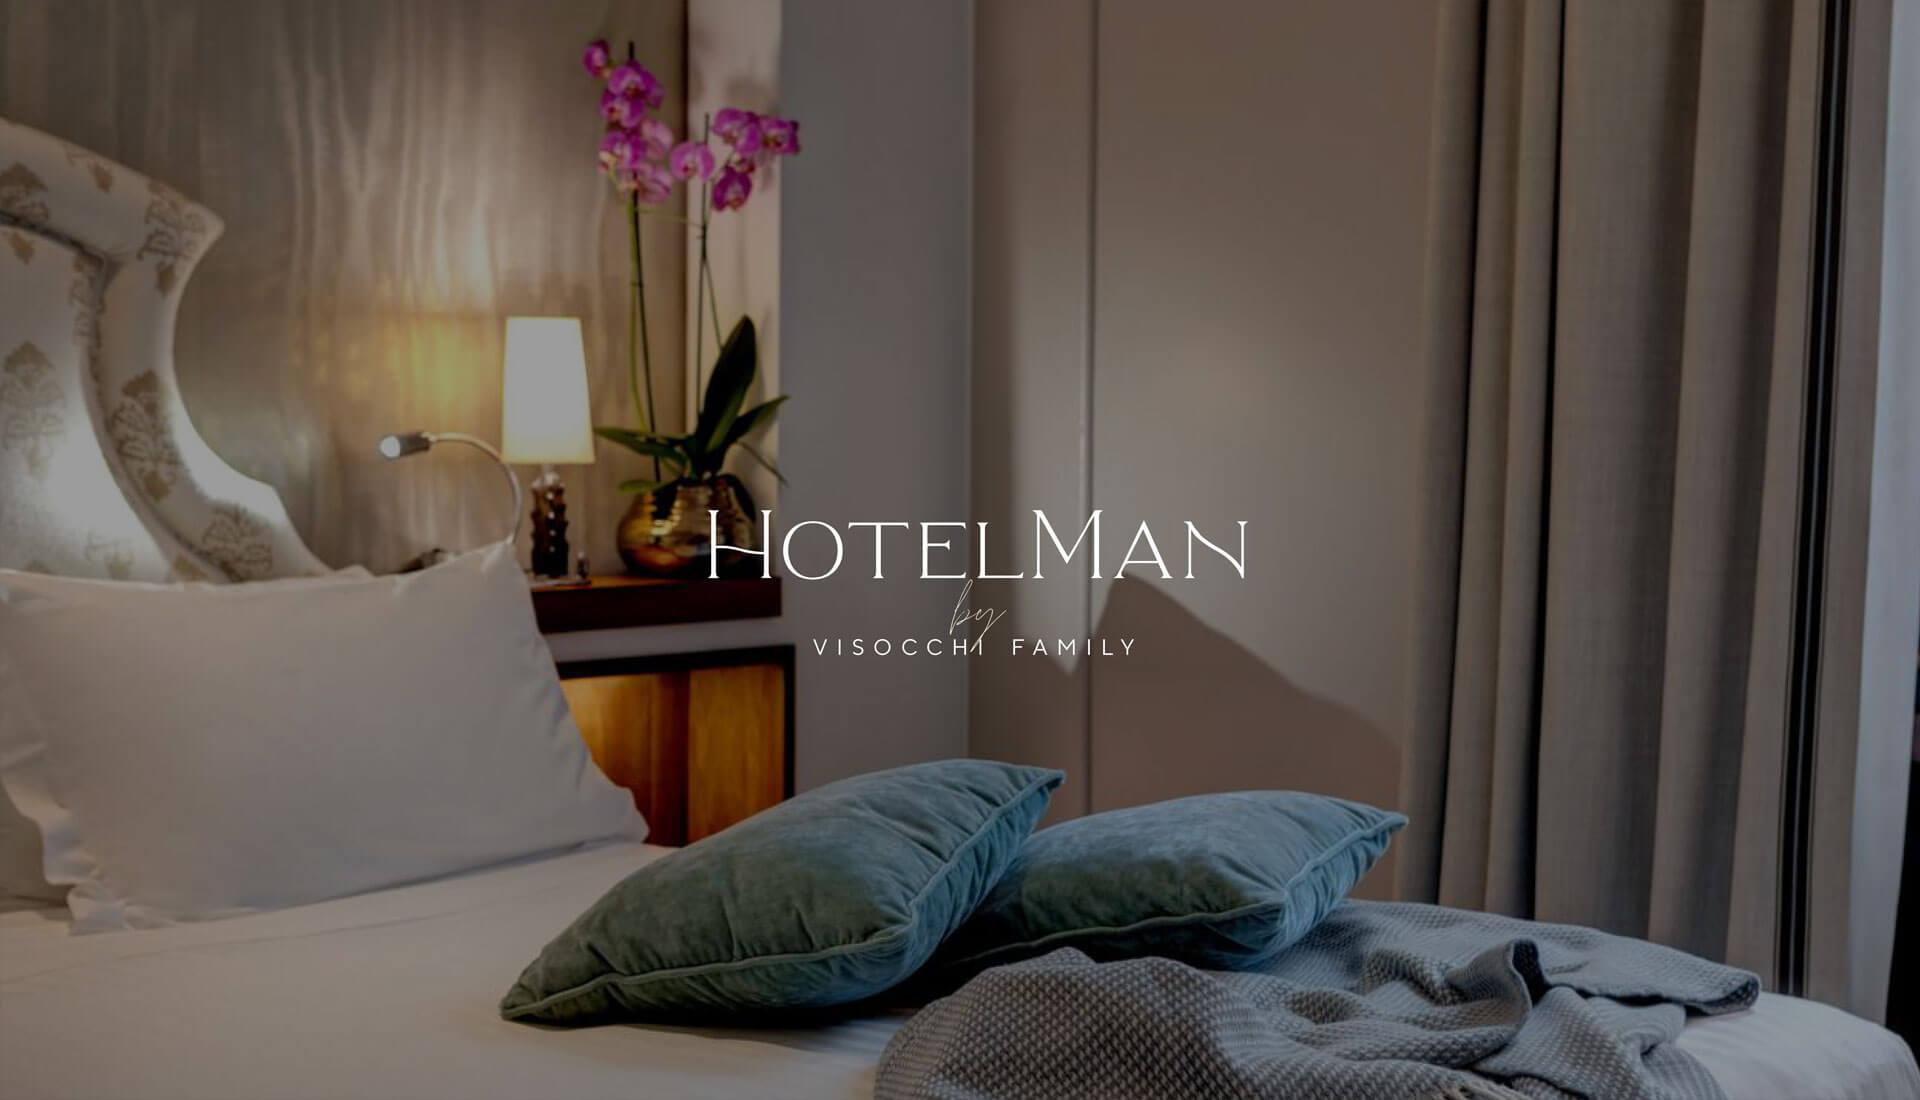 vissochi-hotelman-portfolio-6